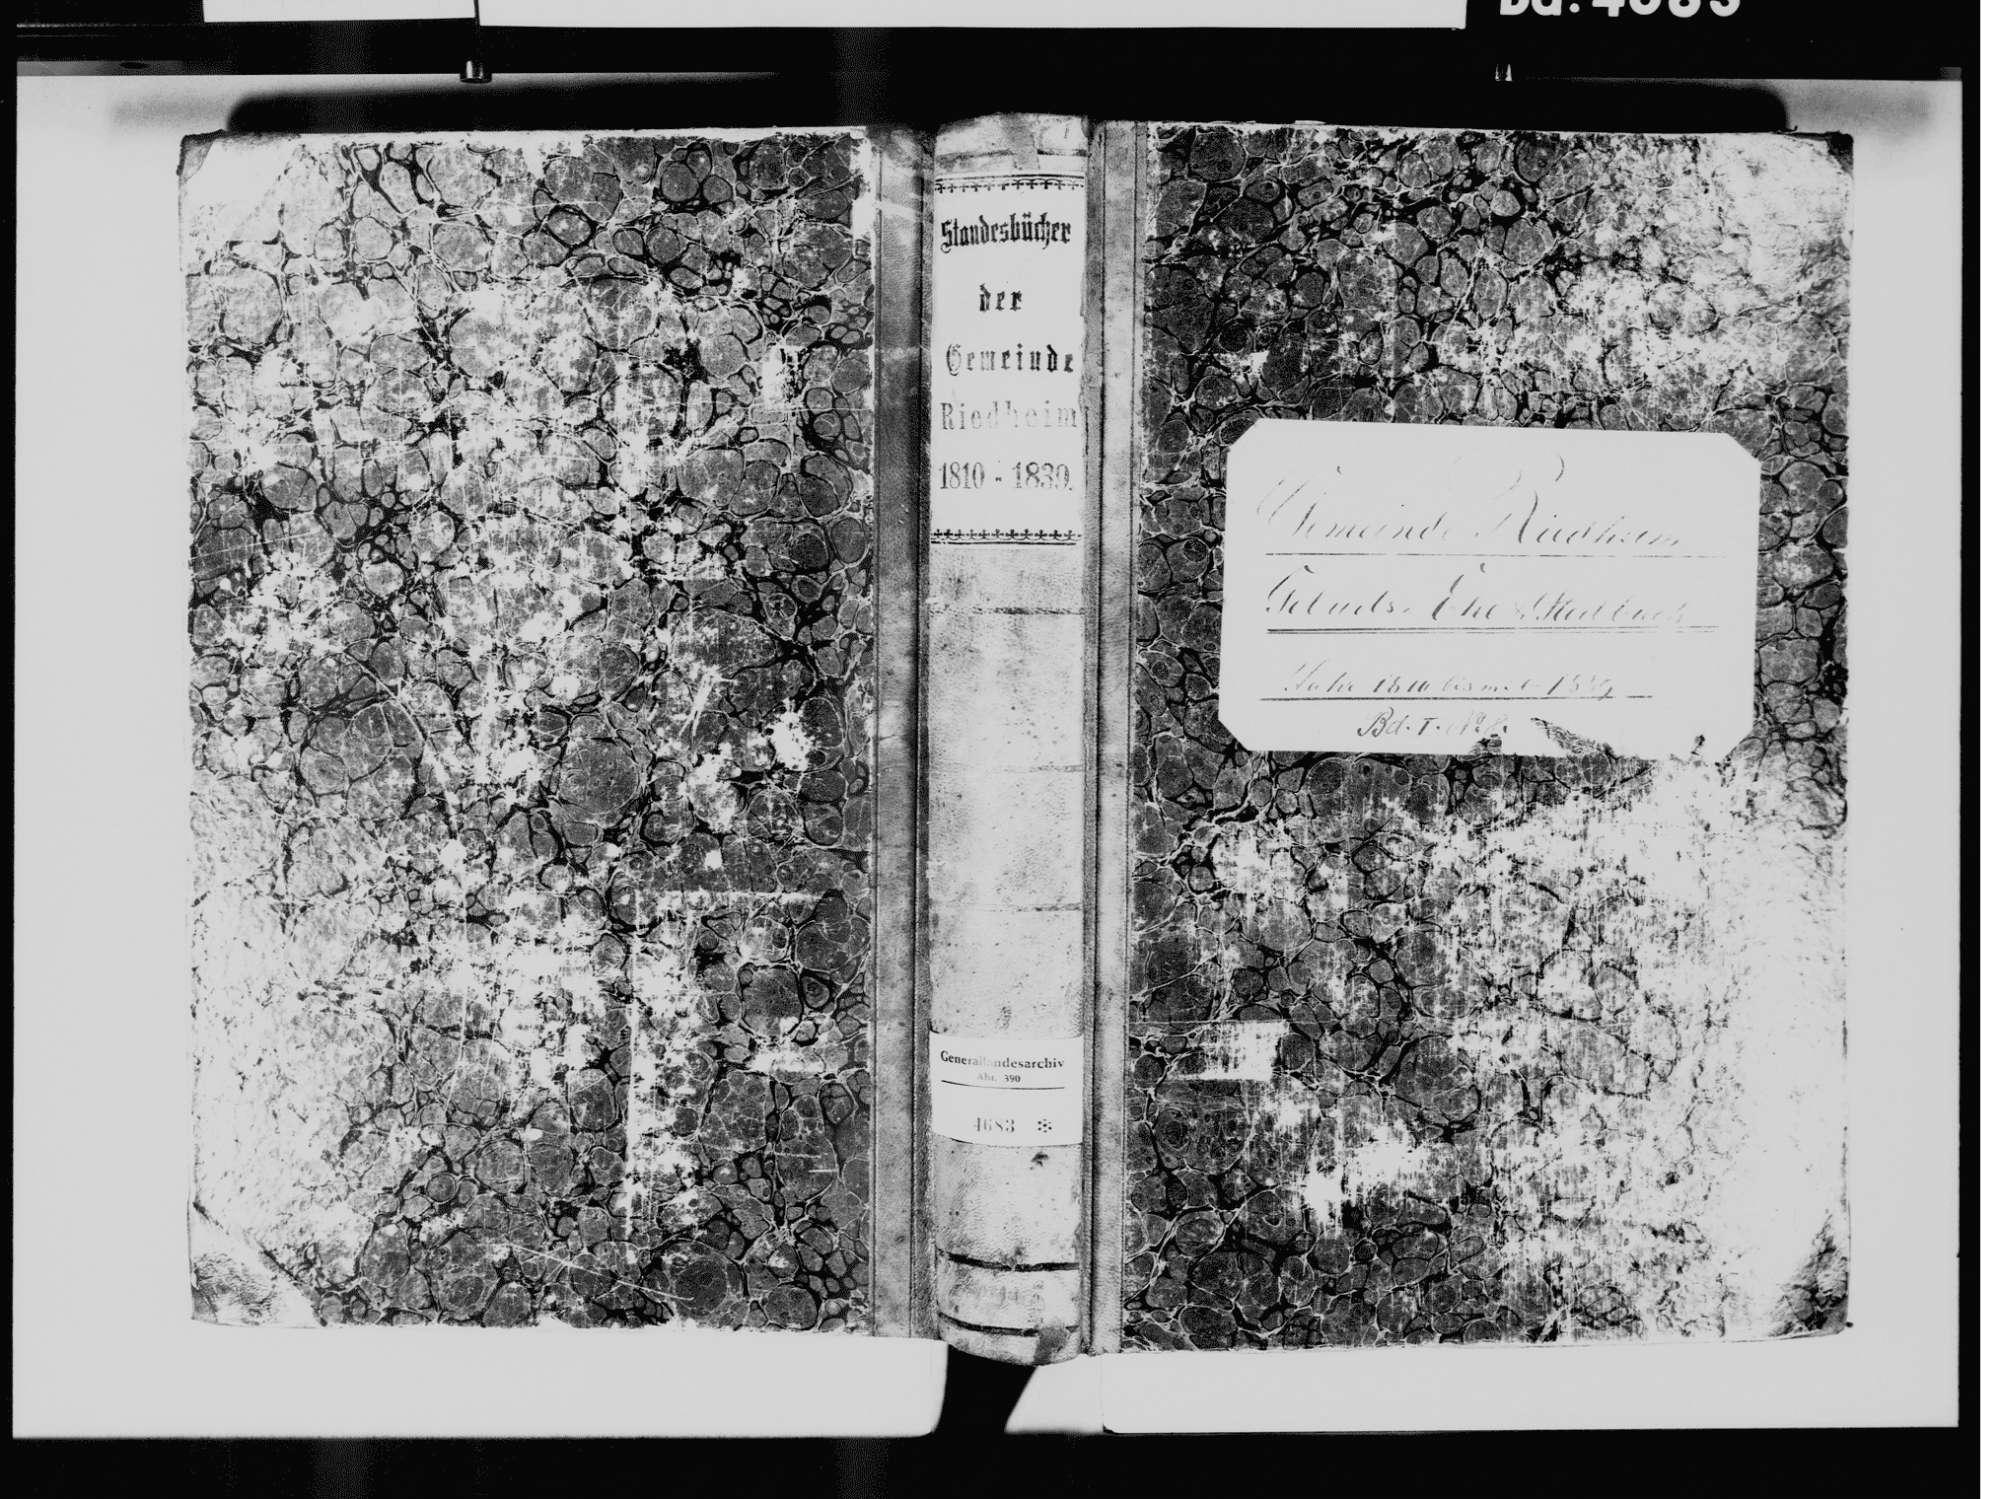 Riedheim, Hilzingen KN; Katholische Gemeinde: Standesbuch 1810-1839, Bild 2